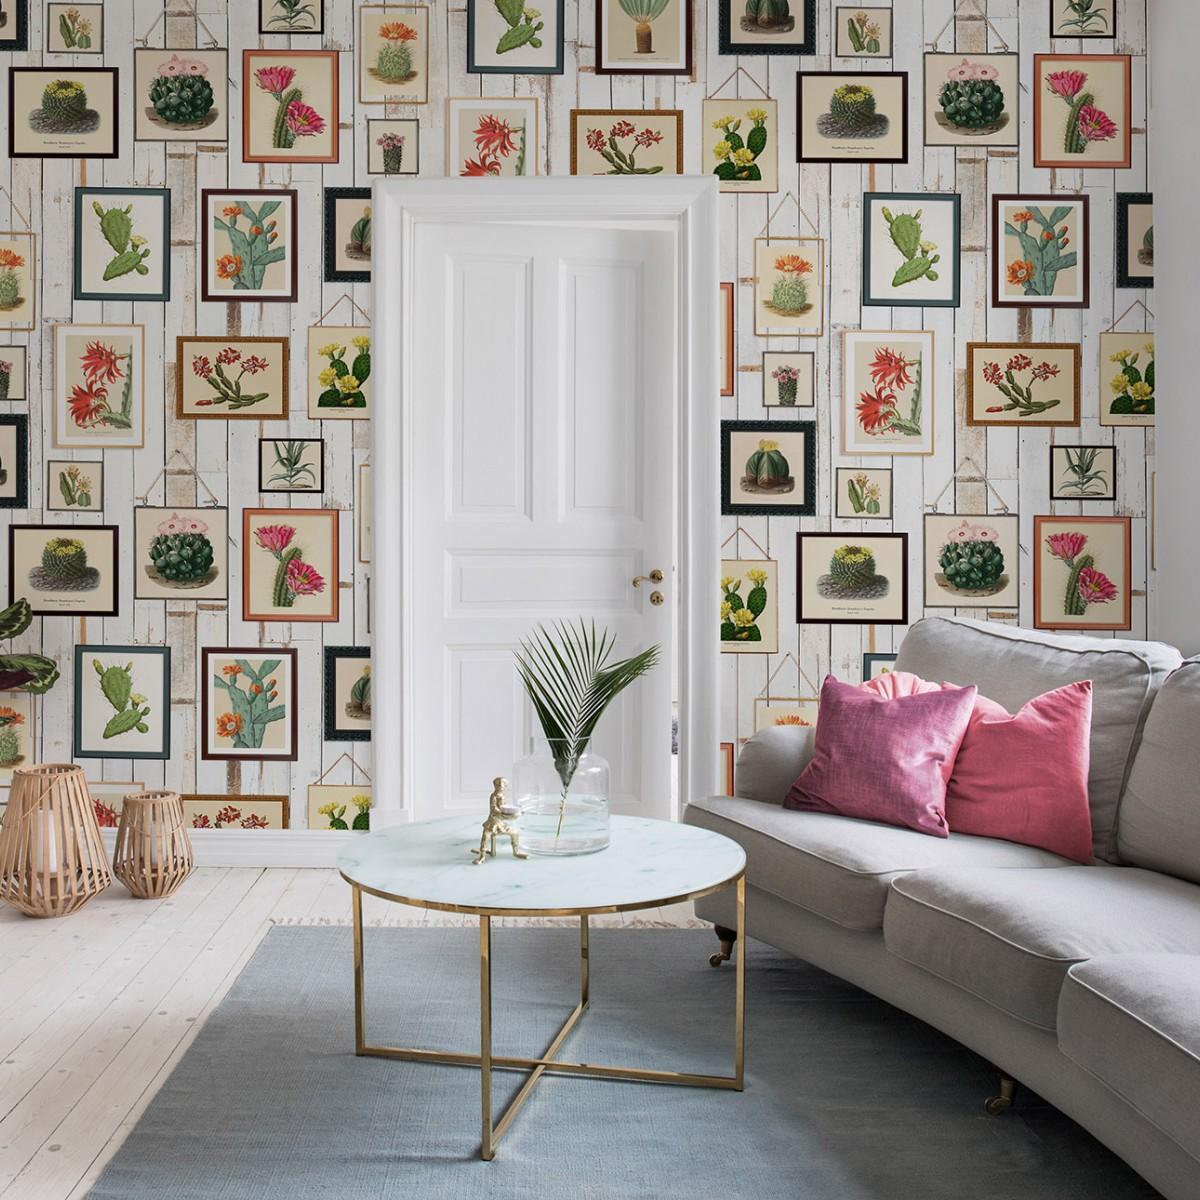 Fototape Cactus Wall Art, personalizat, Rebel Walls